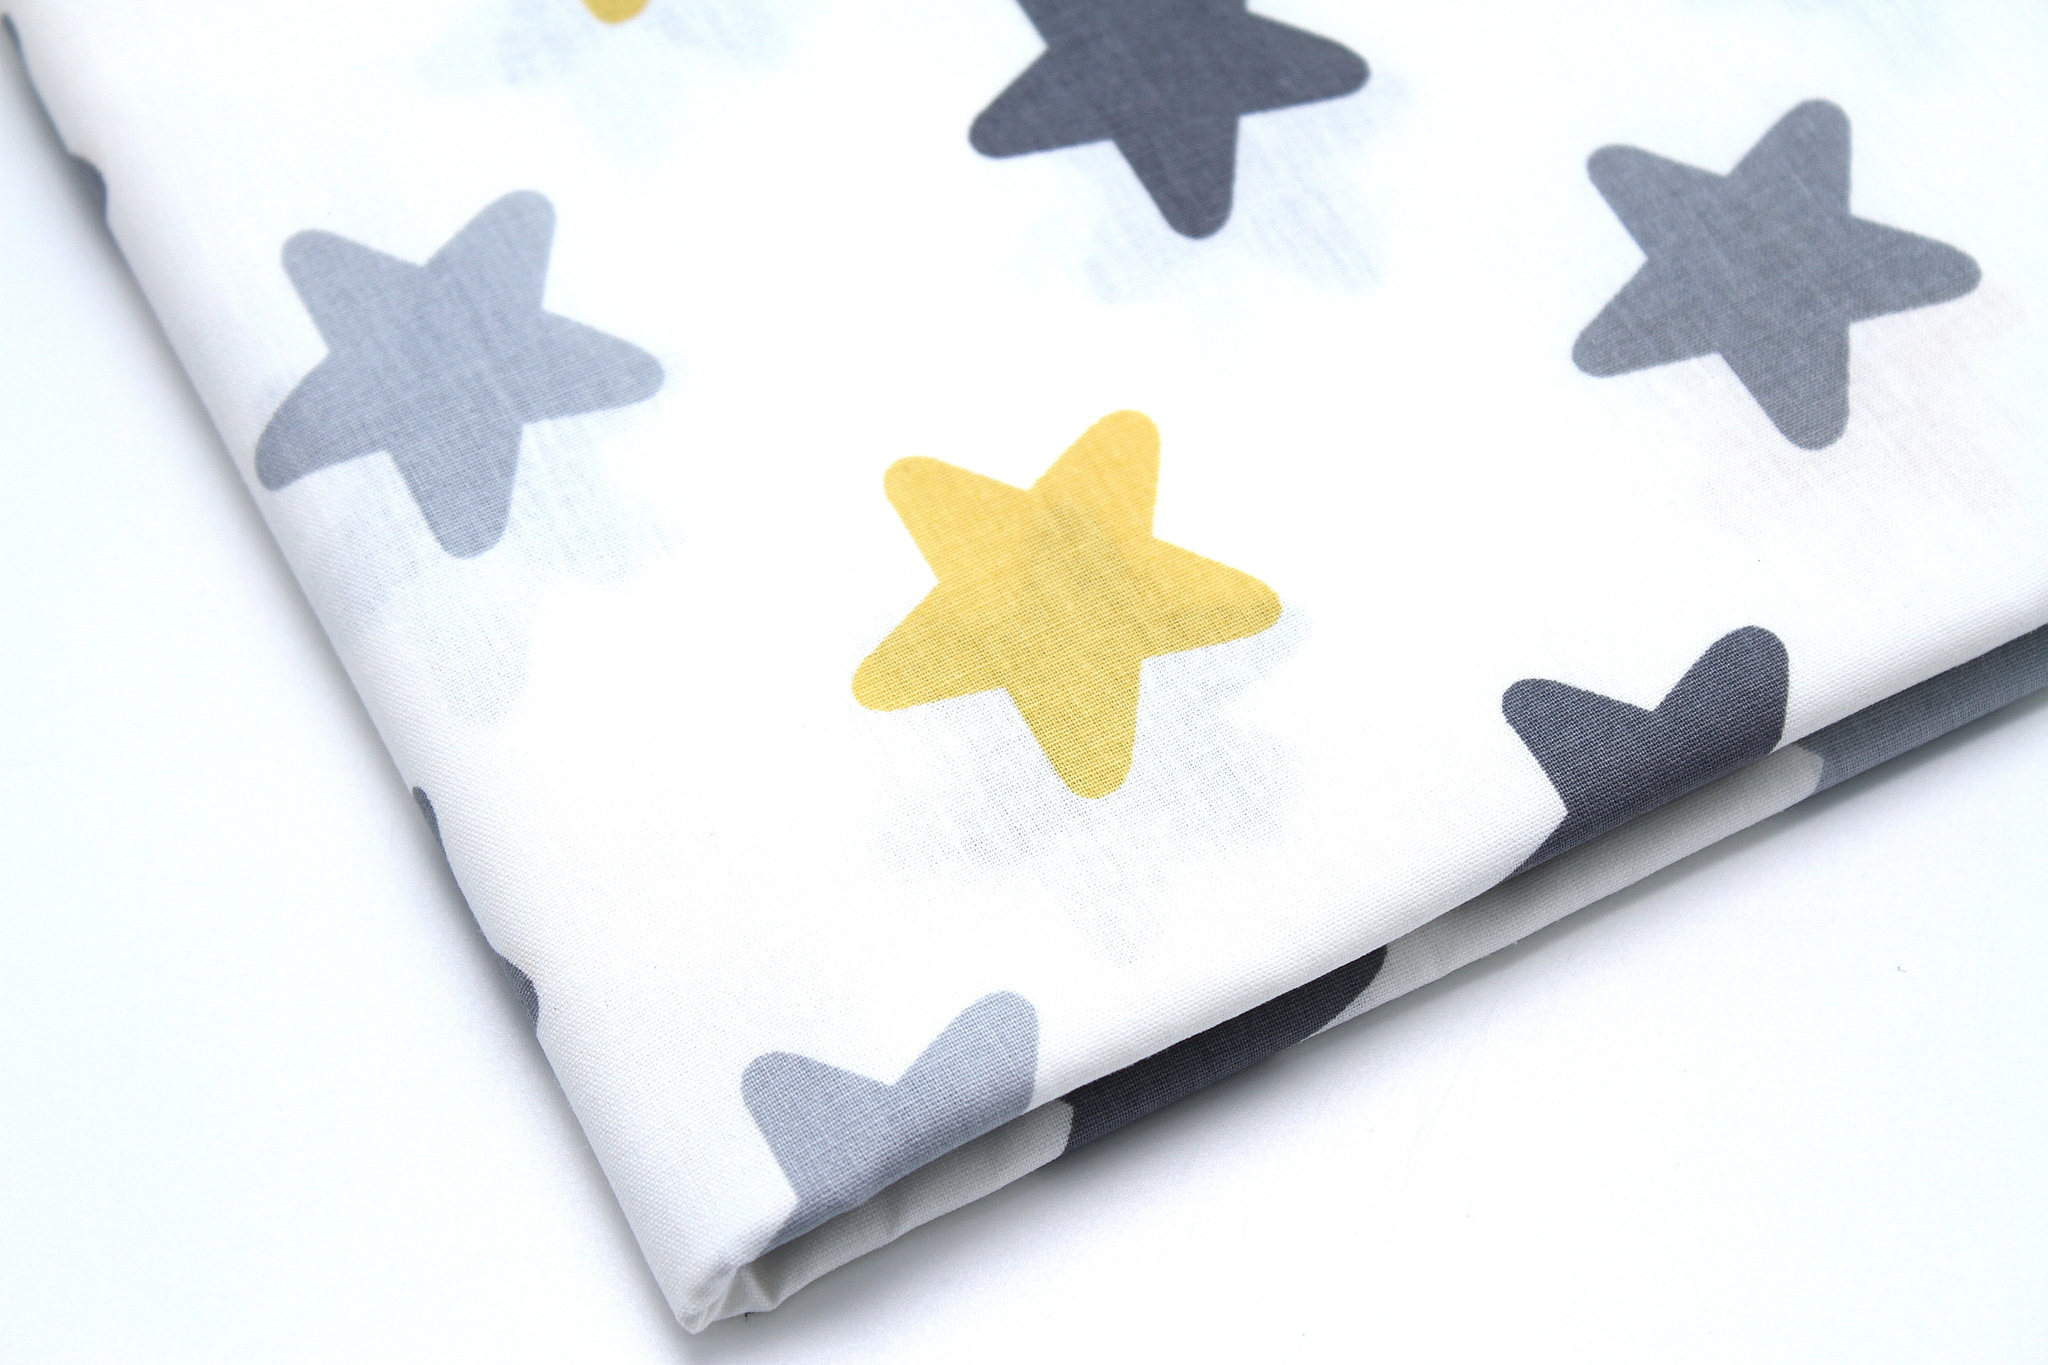 Звезды крупные желто-серые,240 см